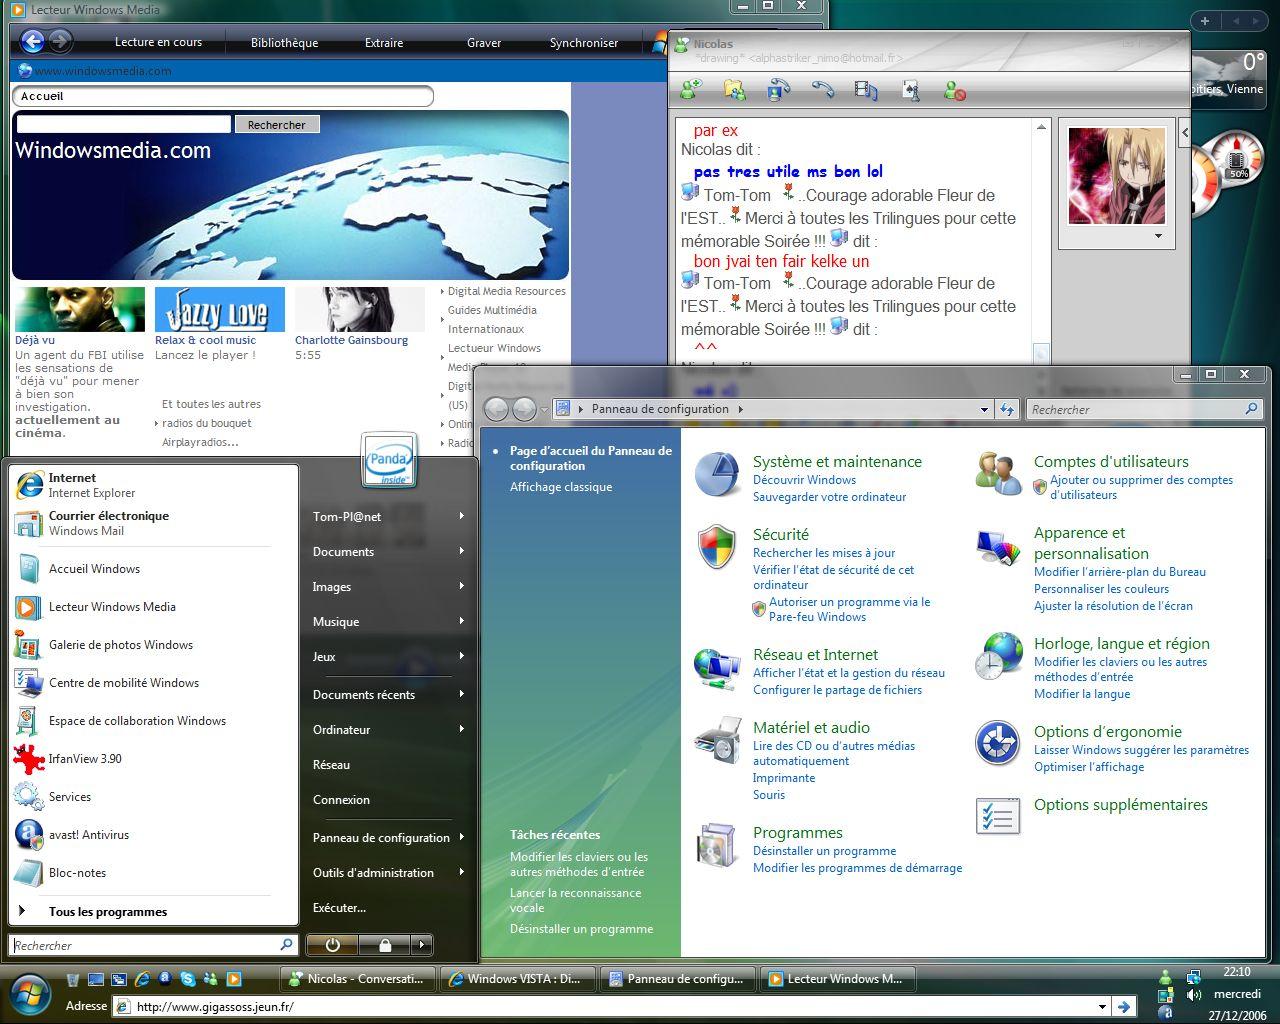 Windows VISTA : Distribution Officiel Vistap12